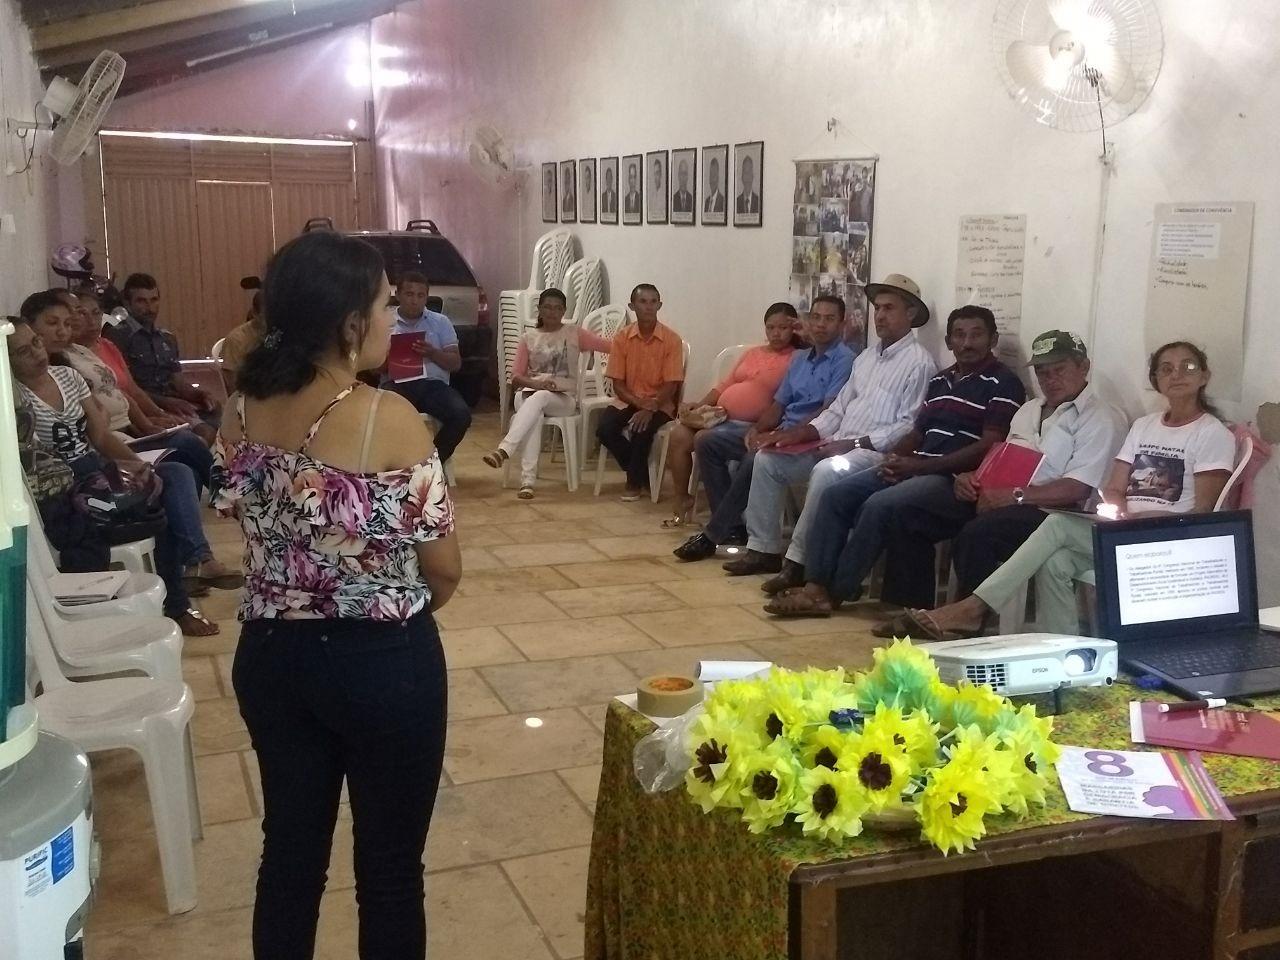 Diretoria do Sindicato dos rurais de Nova Olinda realiza curso de formação sindical